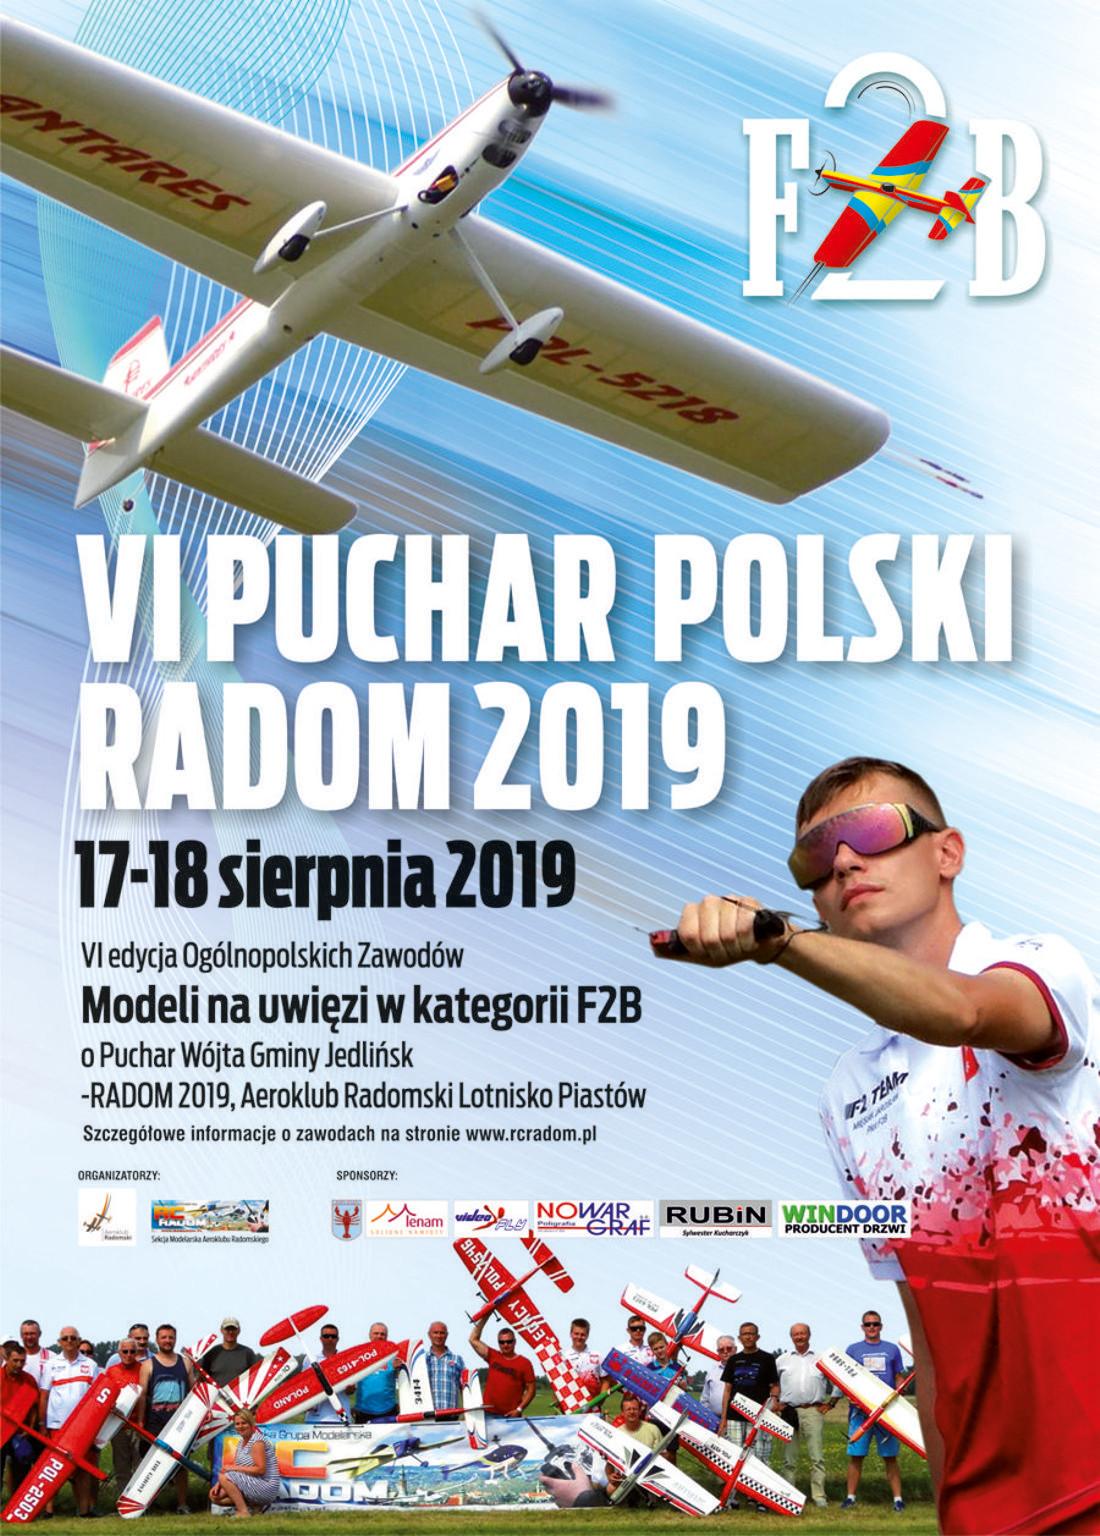 www.rcradom.pl/admin/f2b/f2b-2019-900.jpg